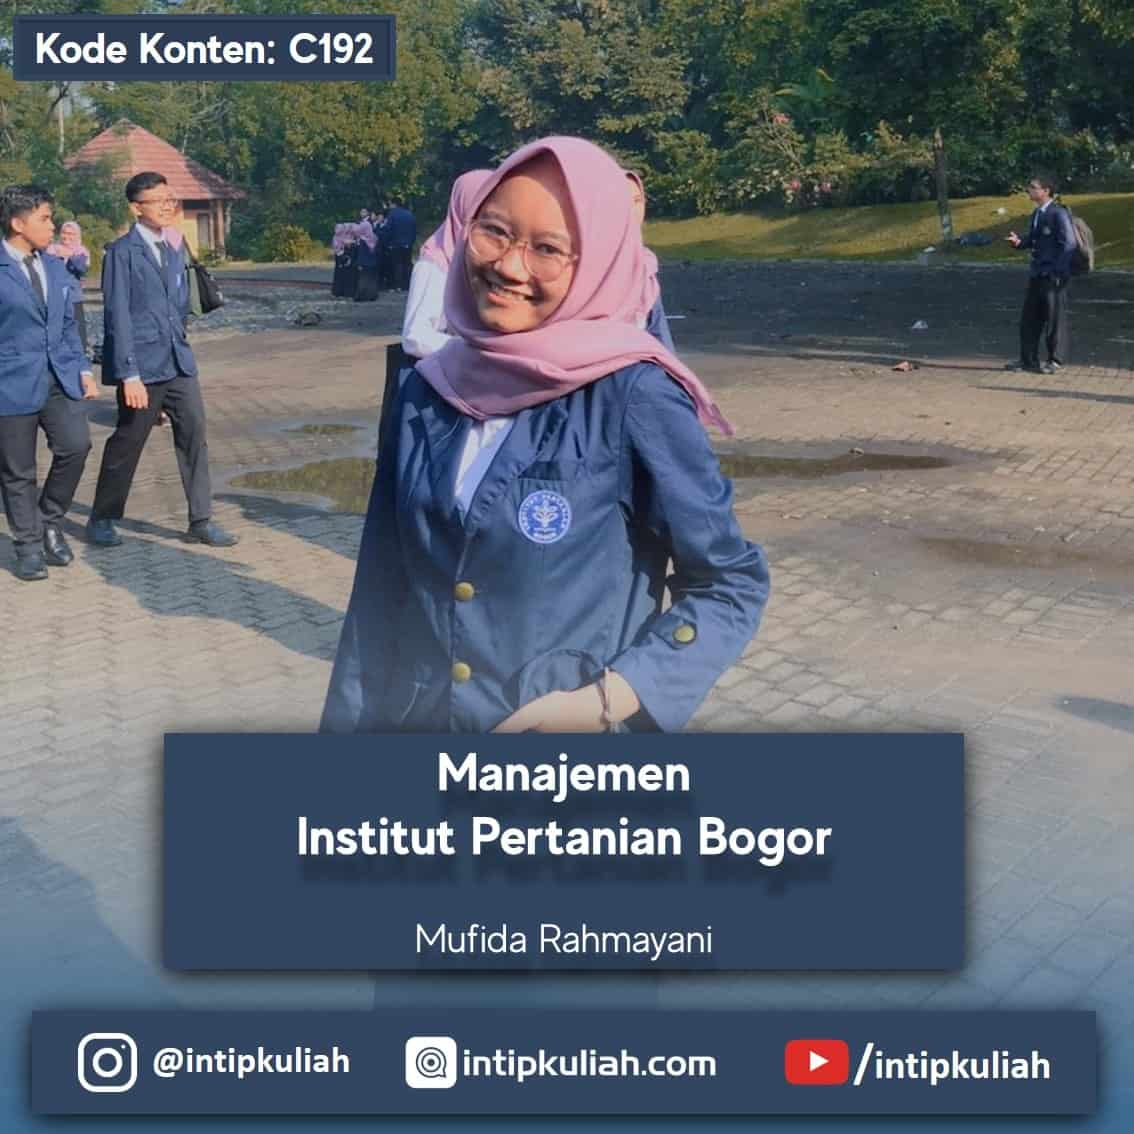 Manajemen IPB University (Mufida)